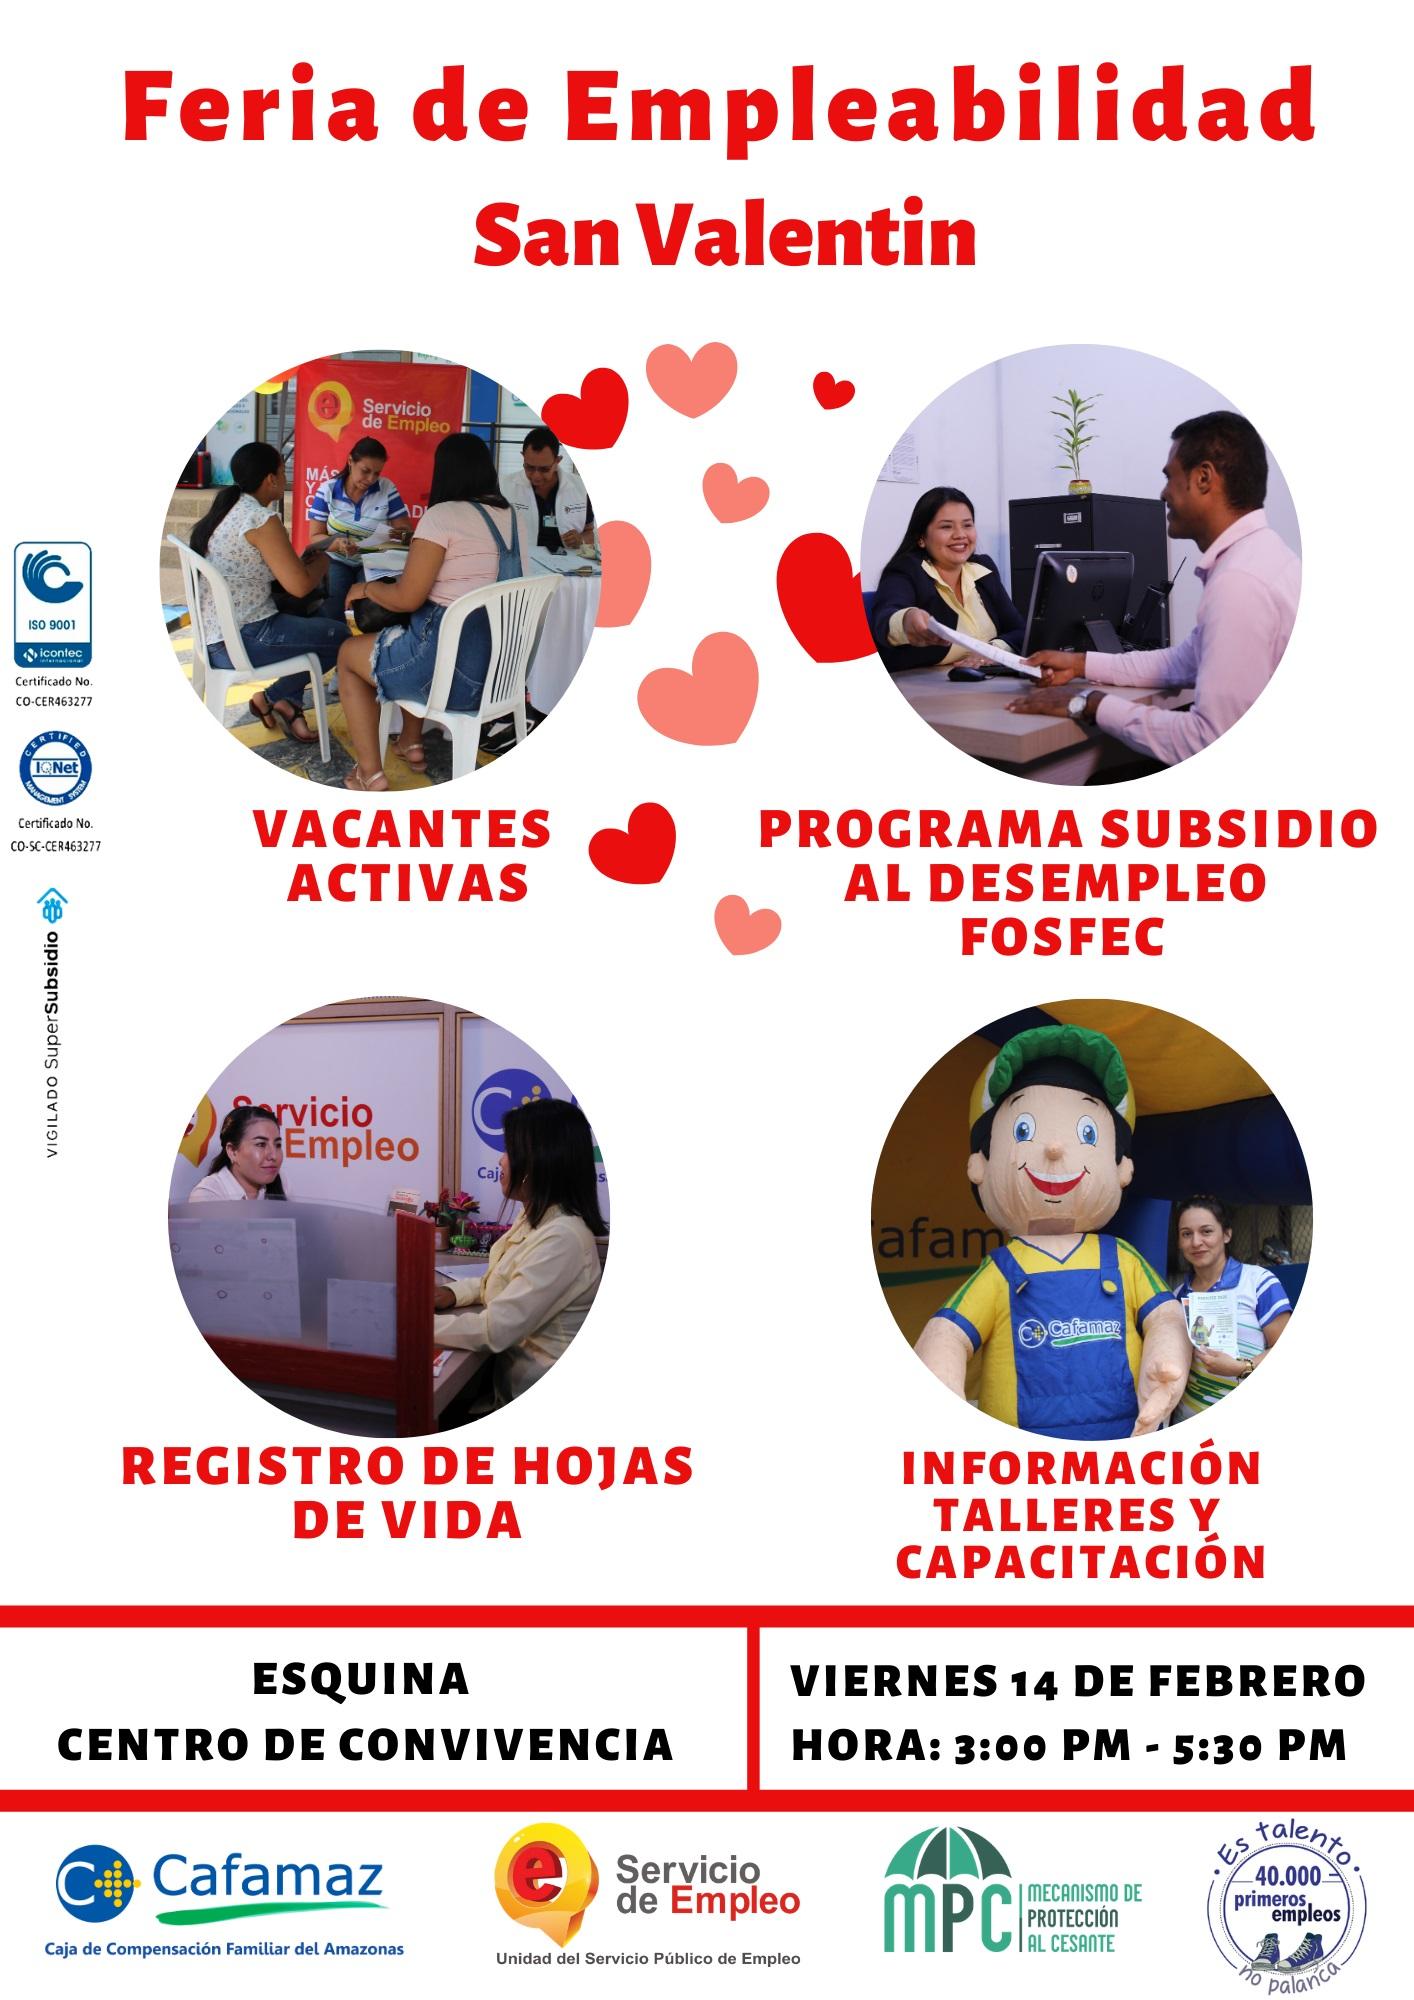 Feria de Empleo – San Valentín | Cafamaz, 2020